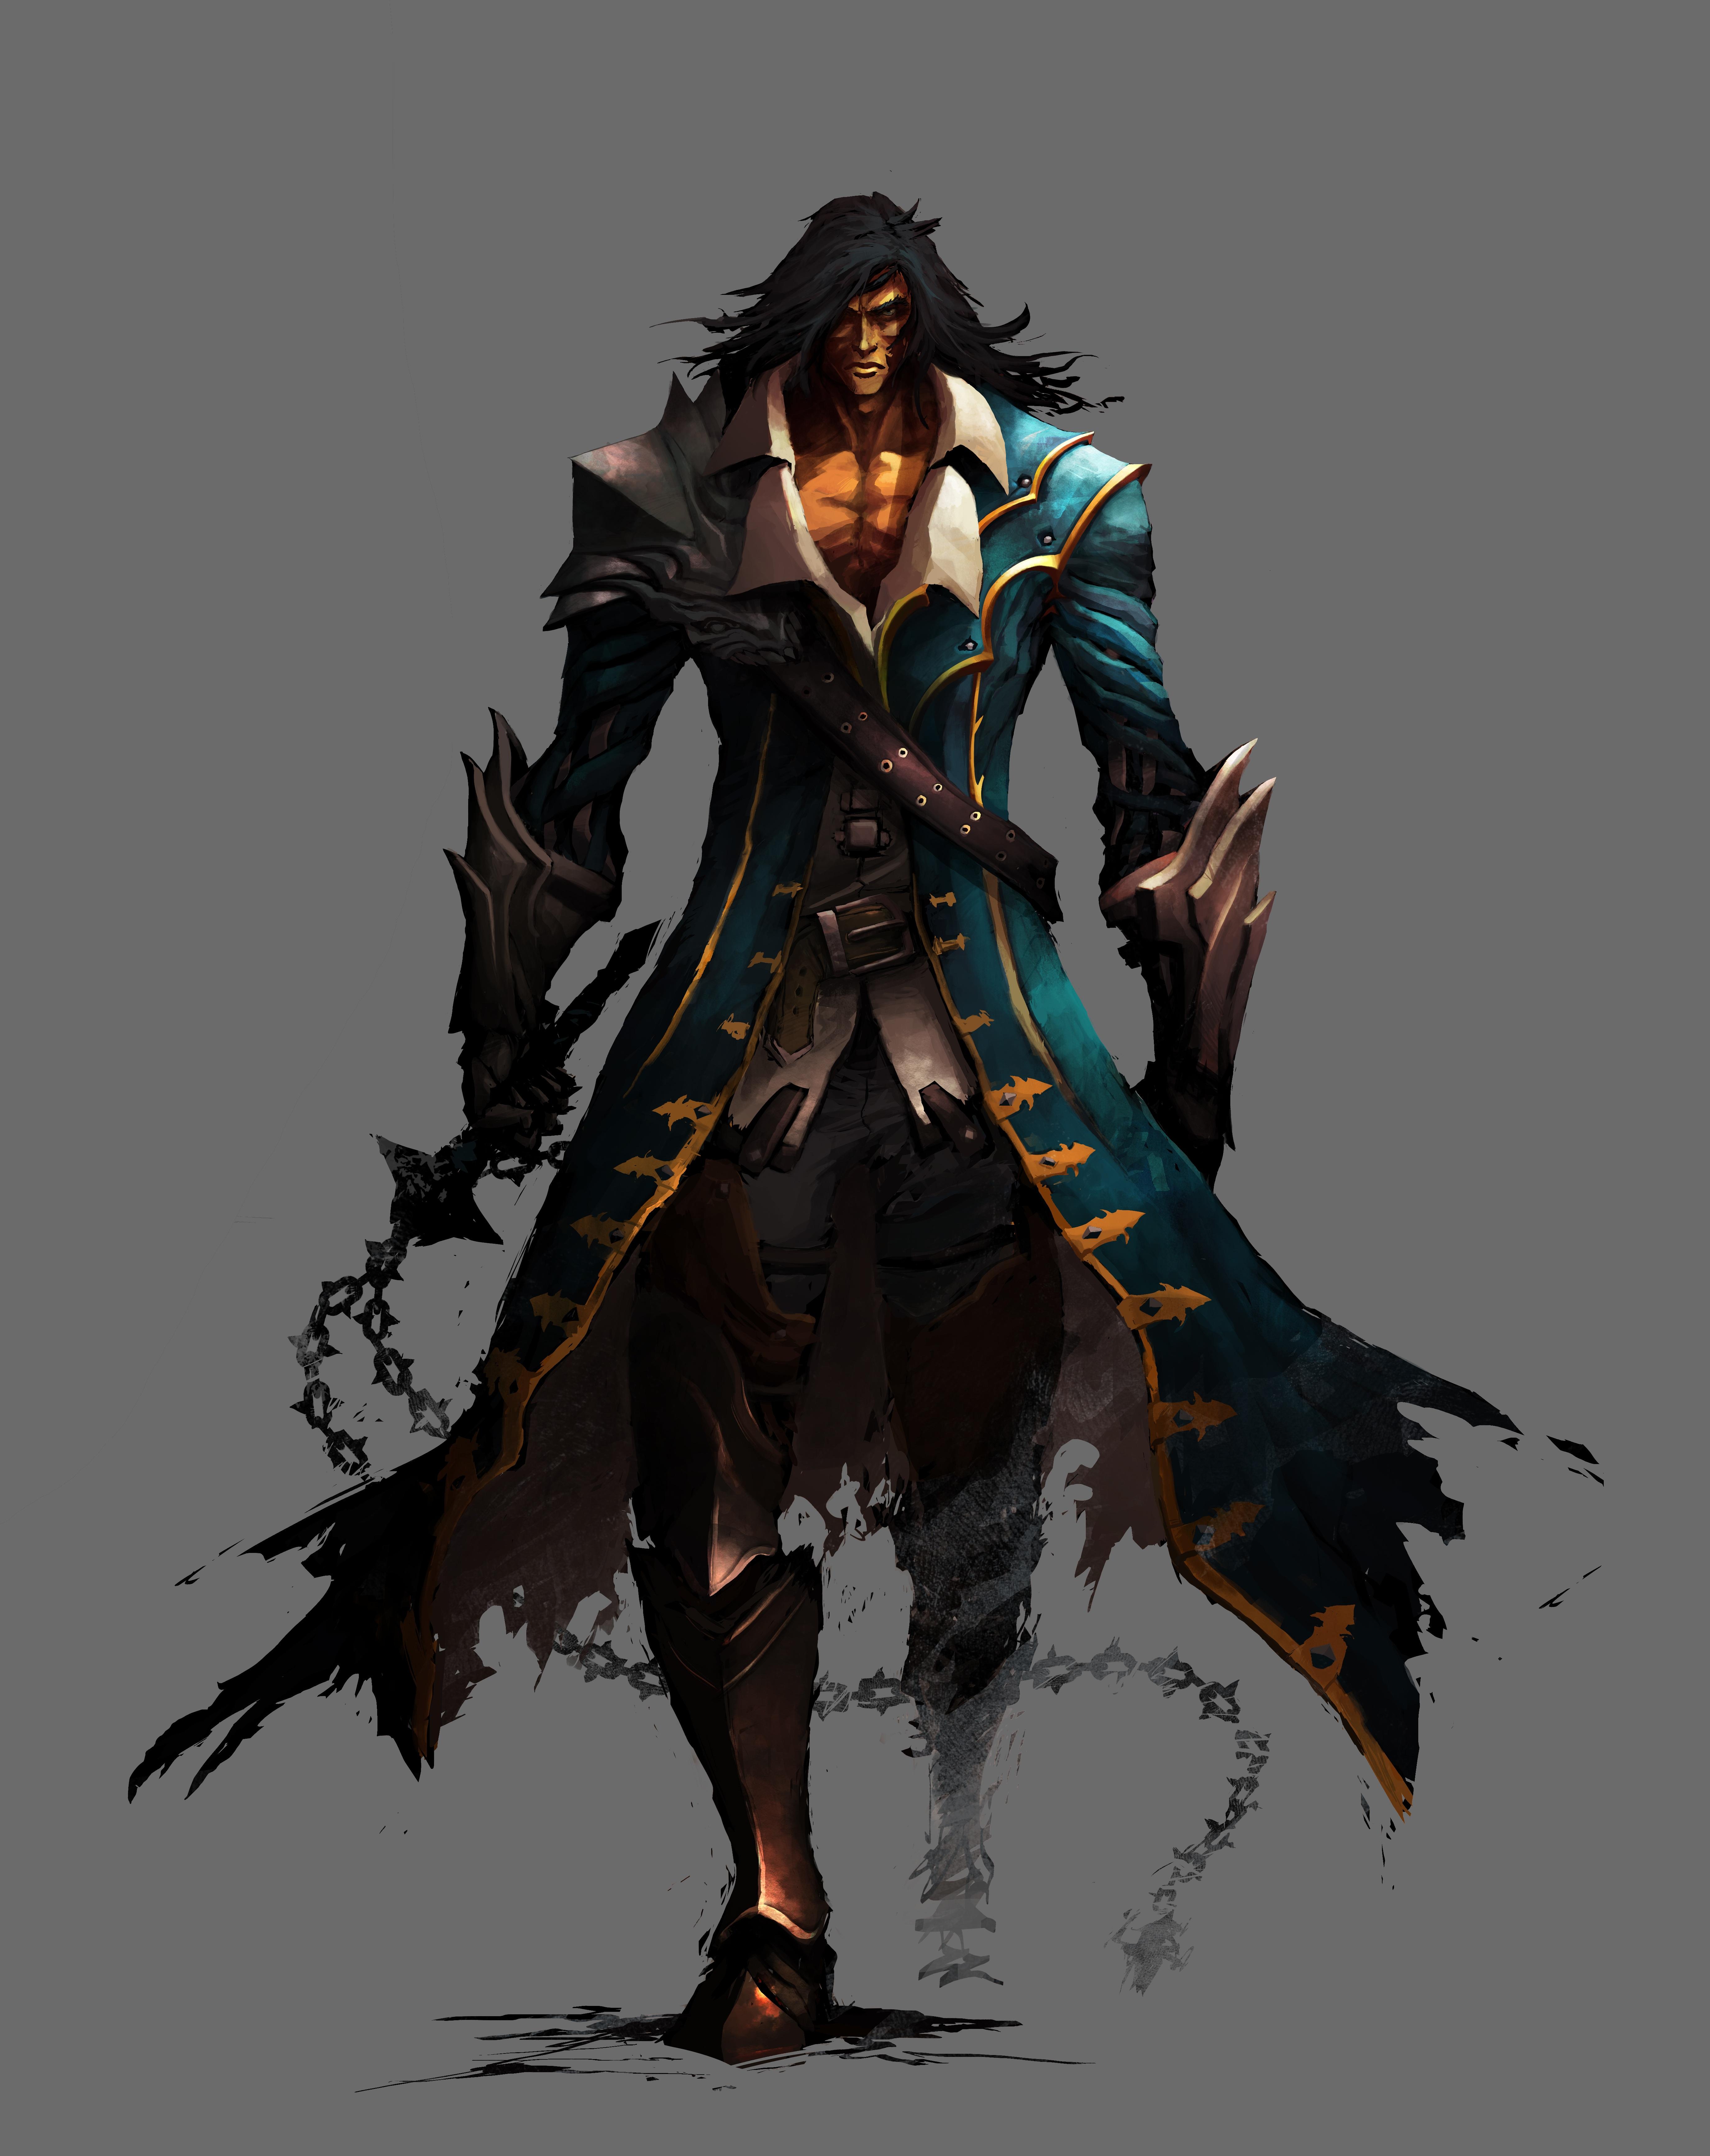 Gabriel Belmont  Lords of Shadow Trevor Belmont 8 Bit